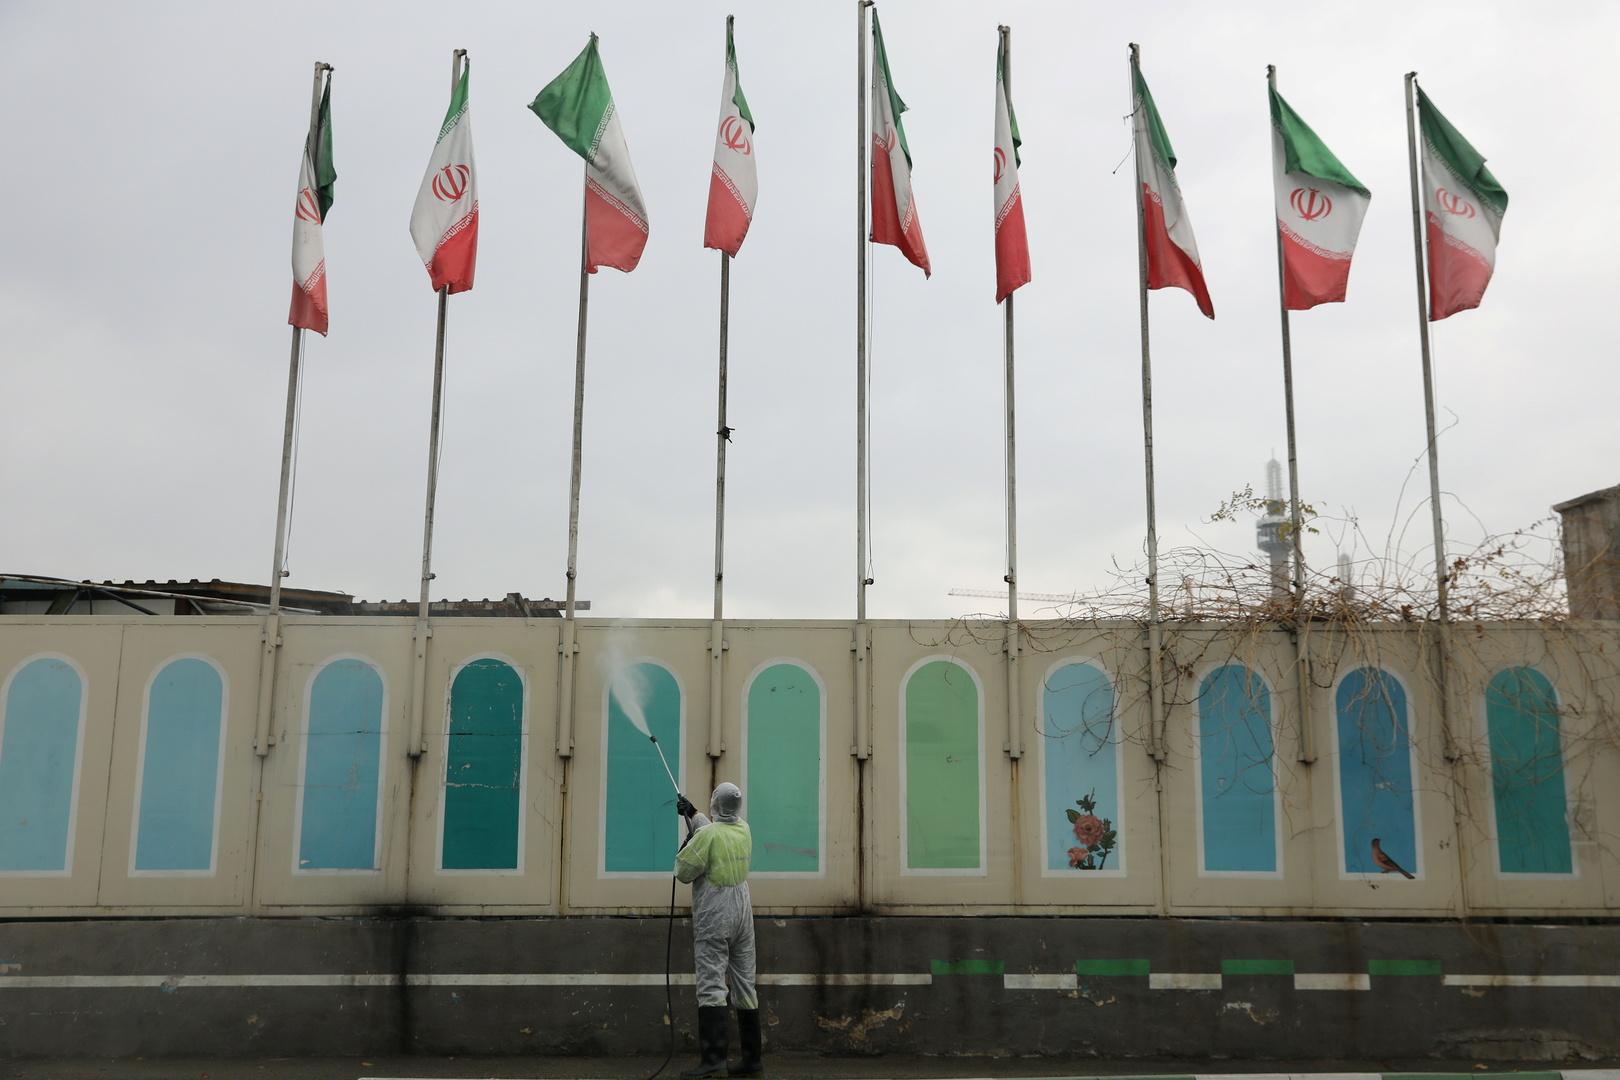 إيران.. محاكمة جديدة لثلاثة شبان حكم عليهم بالإعدام لارتباطهم بأعمال شغب في 2019